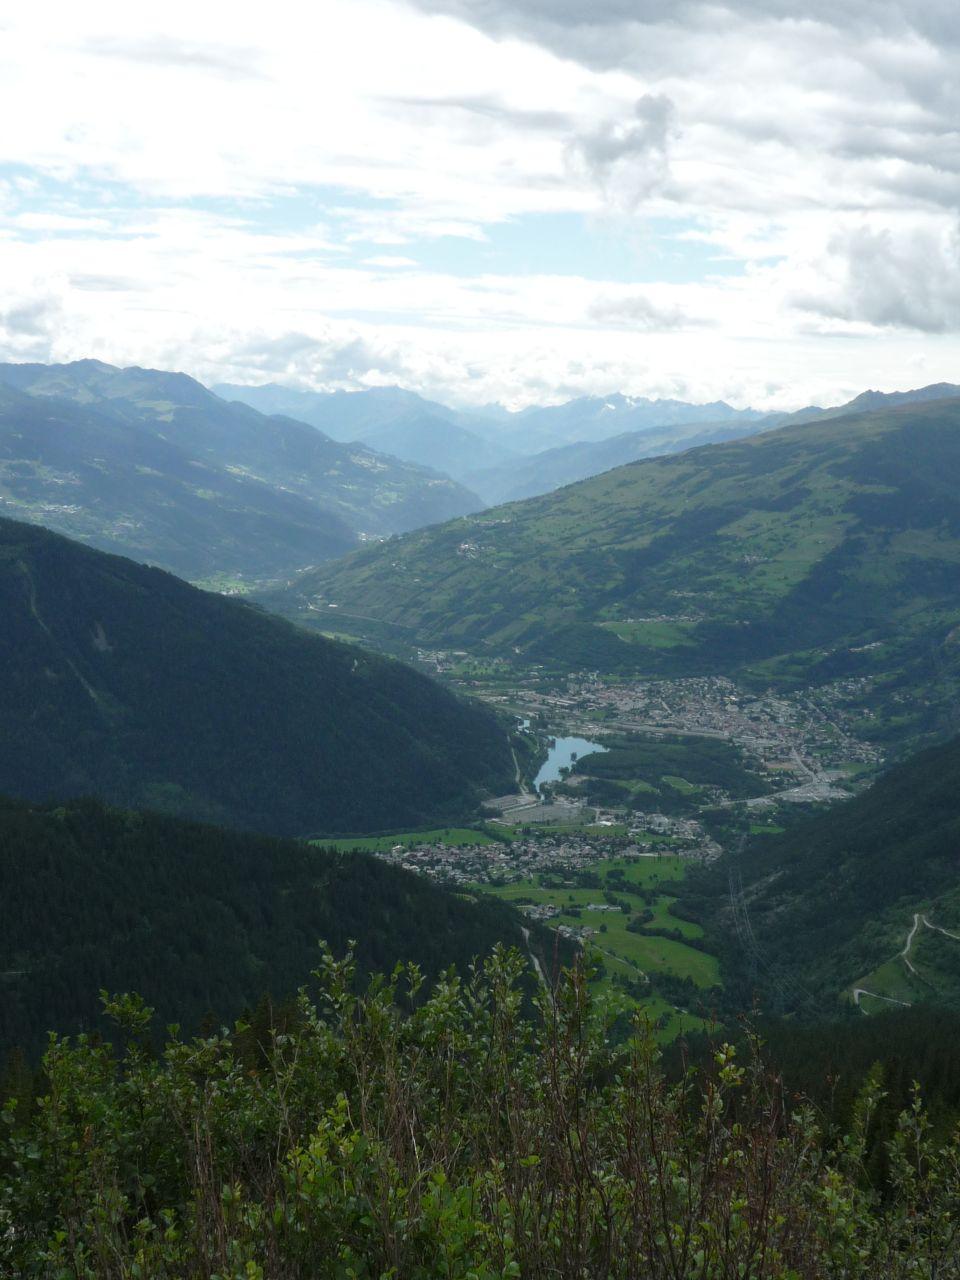 Blick auf Bourg-Saint-Maurice bei der Abfahrt vom Kleinen Sankt Bernhard